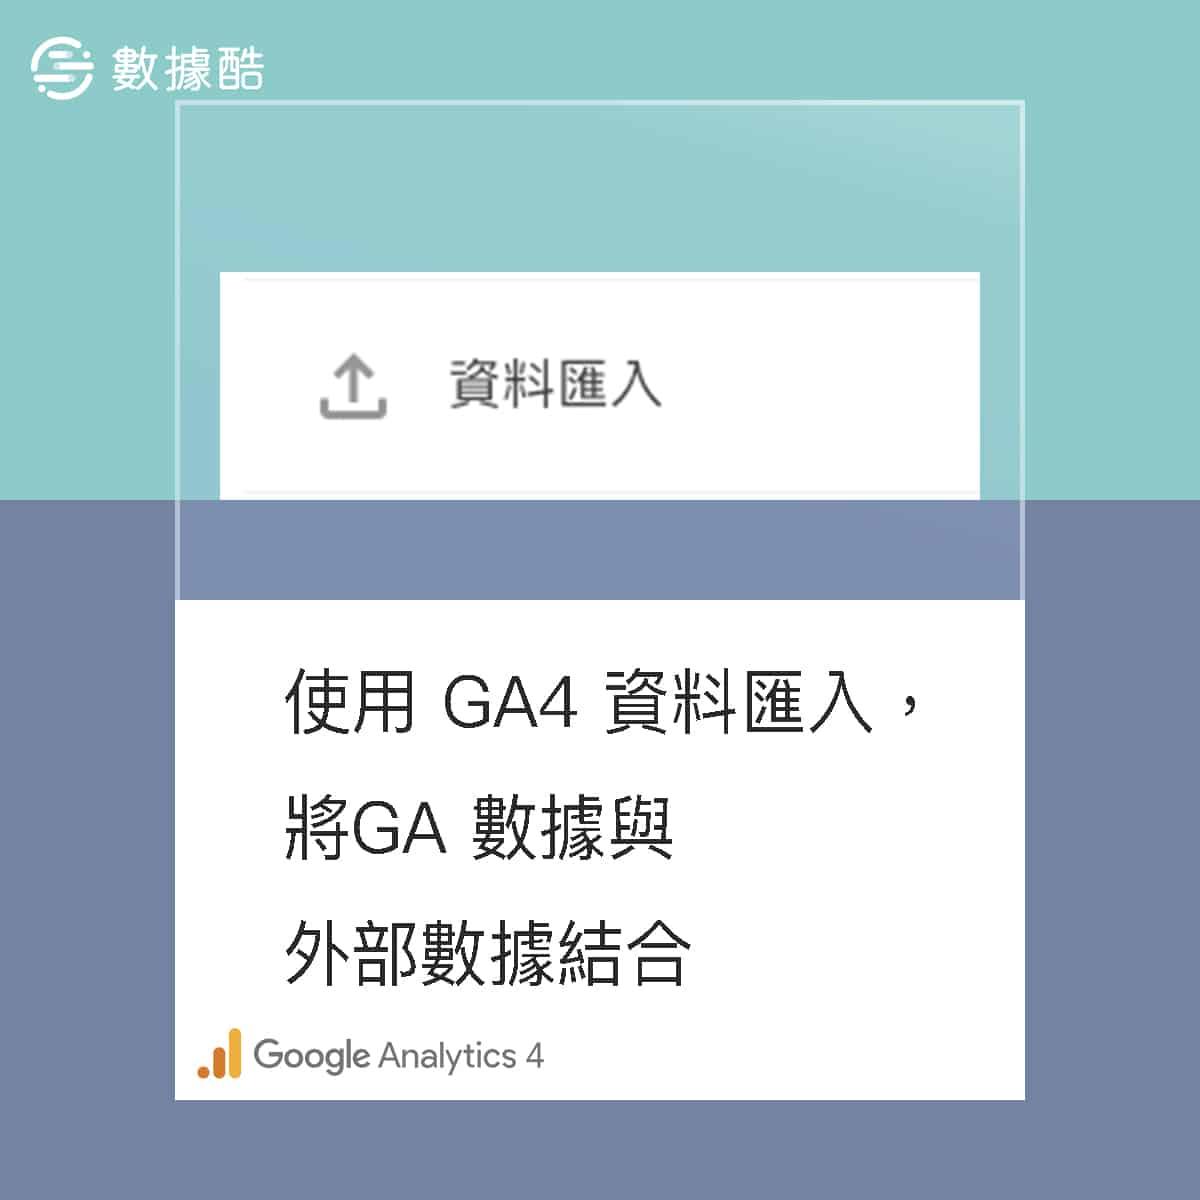 使用 Google Analytics 4 資料匯入 , 將 Google Analytics 數據與外部數據結合